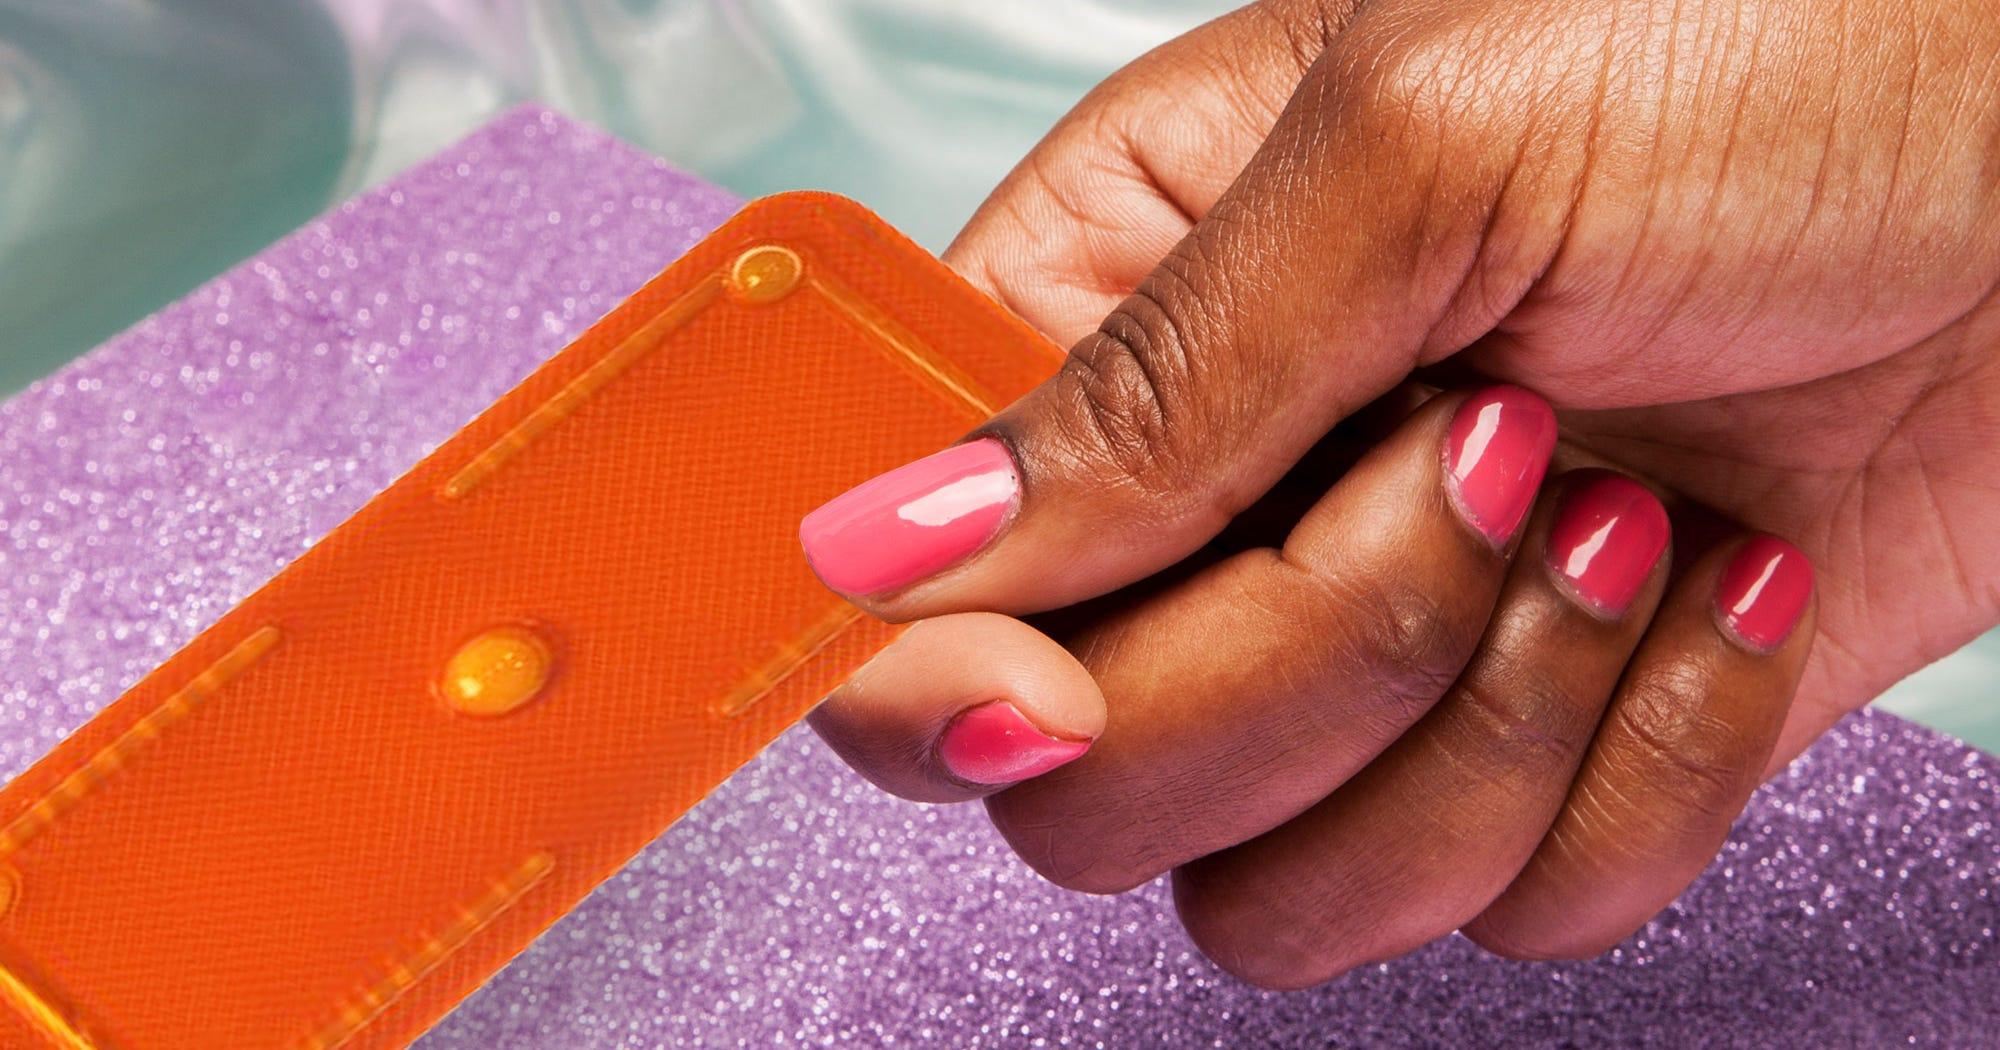 Pille Danach: Was du vor der Einnahme wissen musst